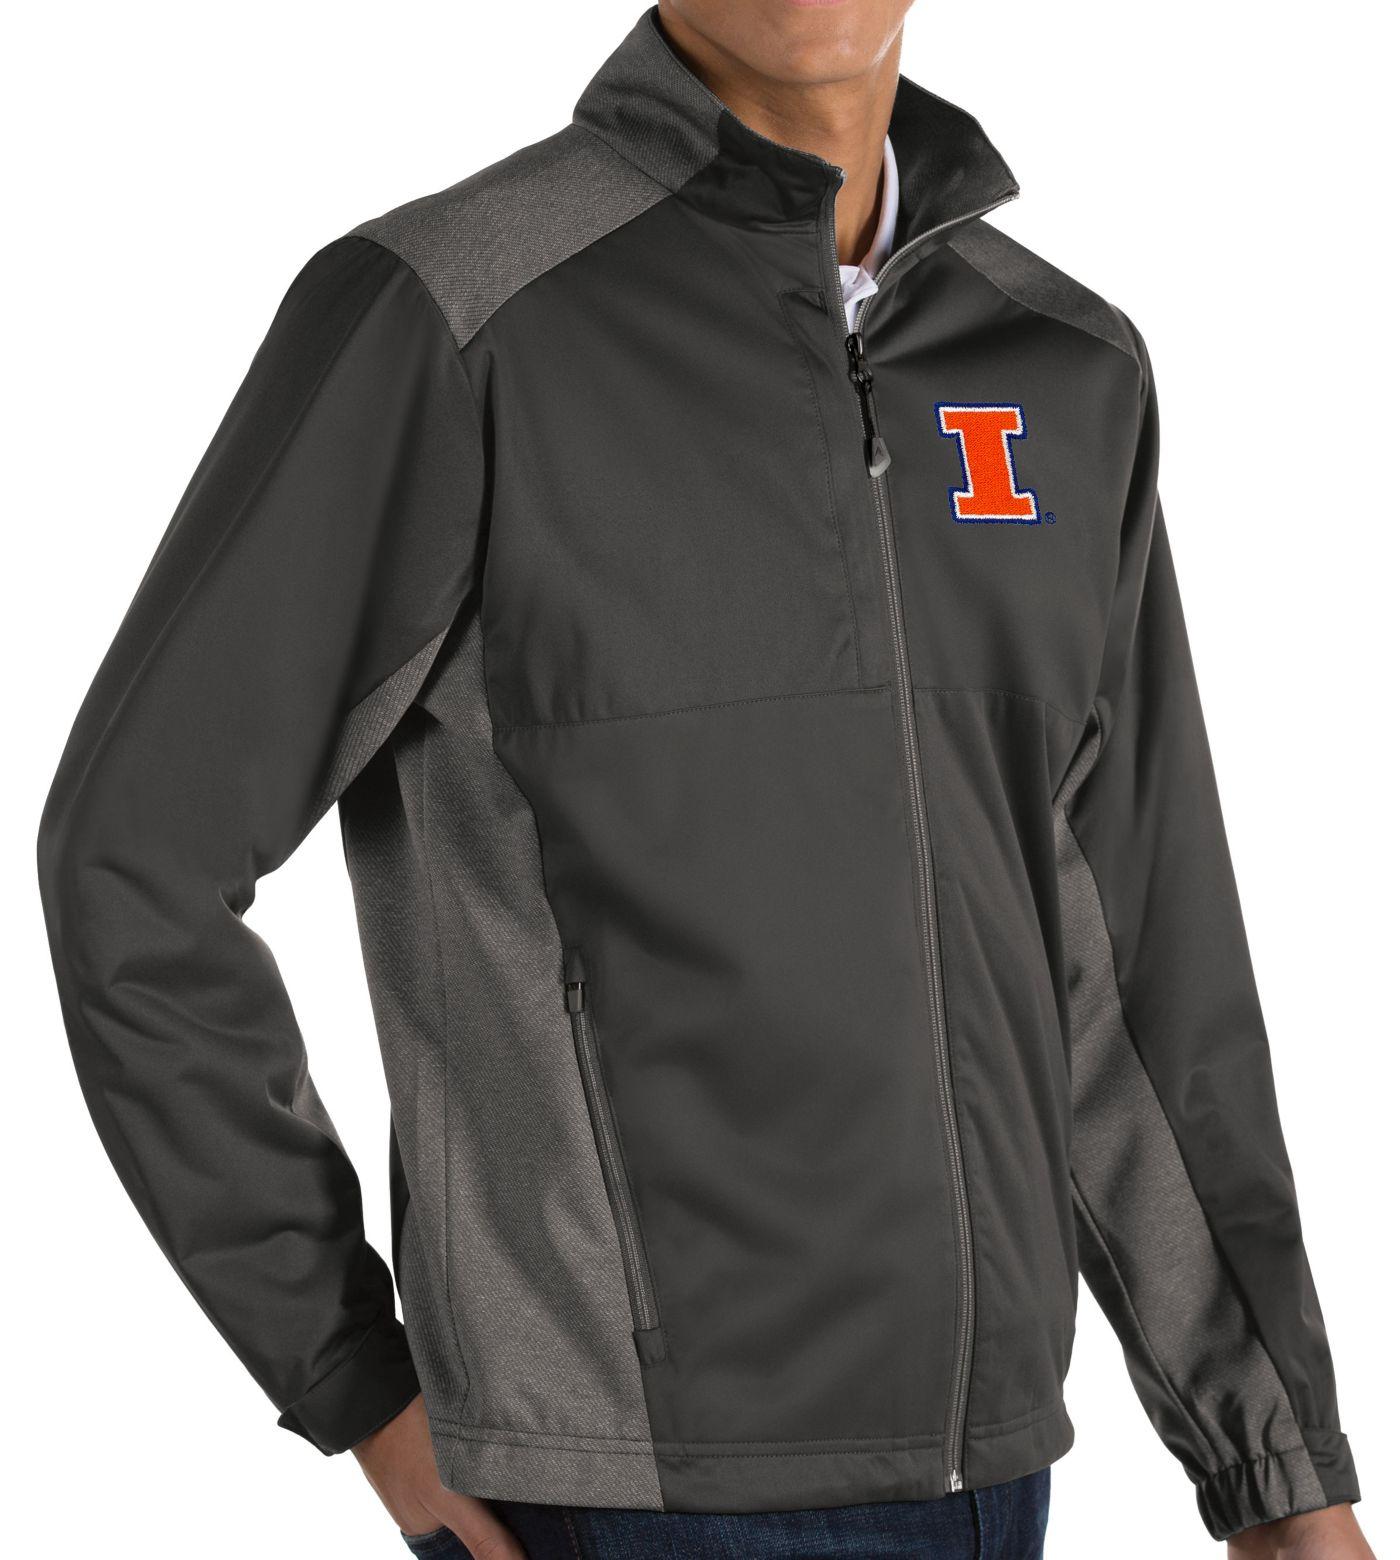 Antigua Men's Illinois Fighting Illini Grey Revolve Full-Zip Jacket